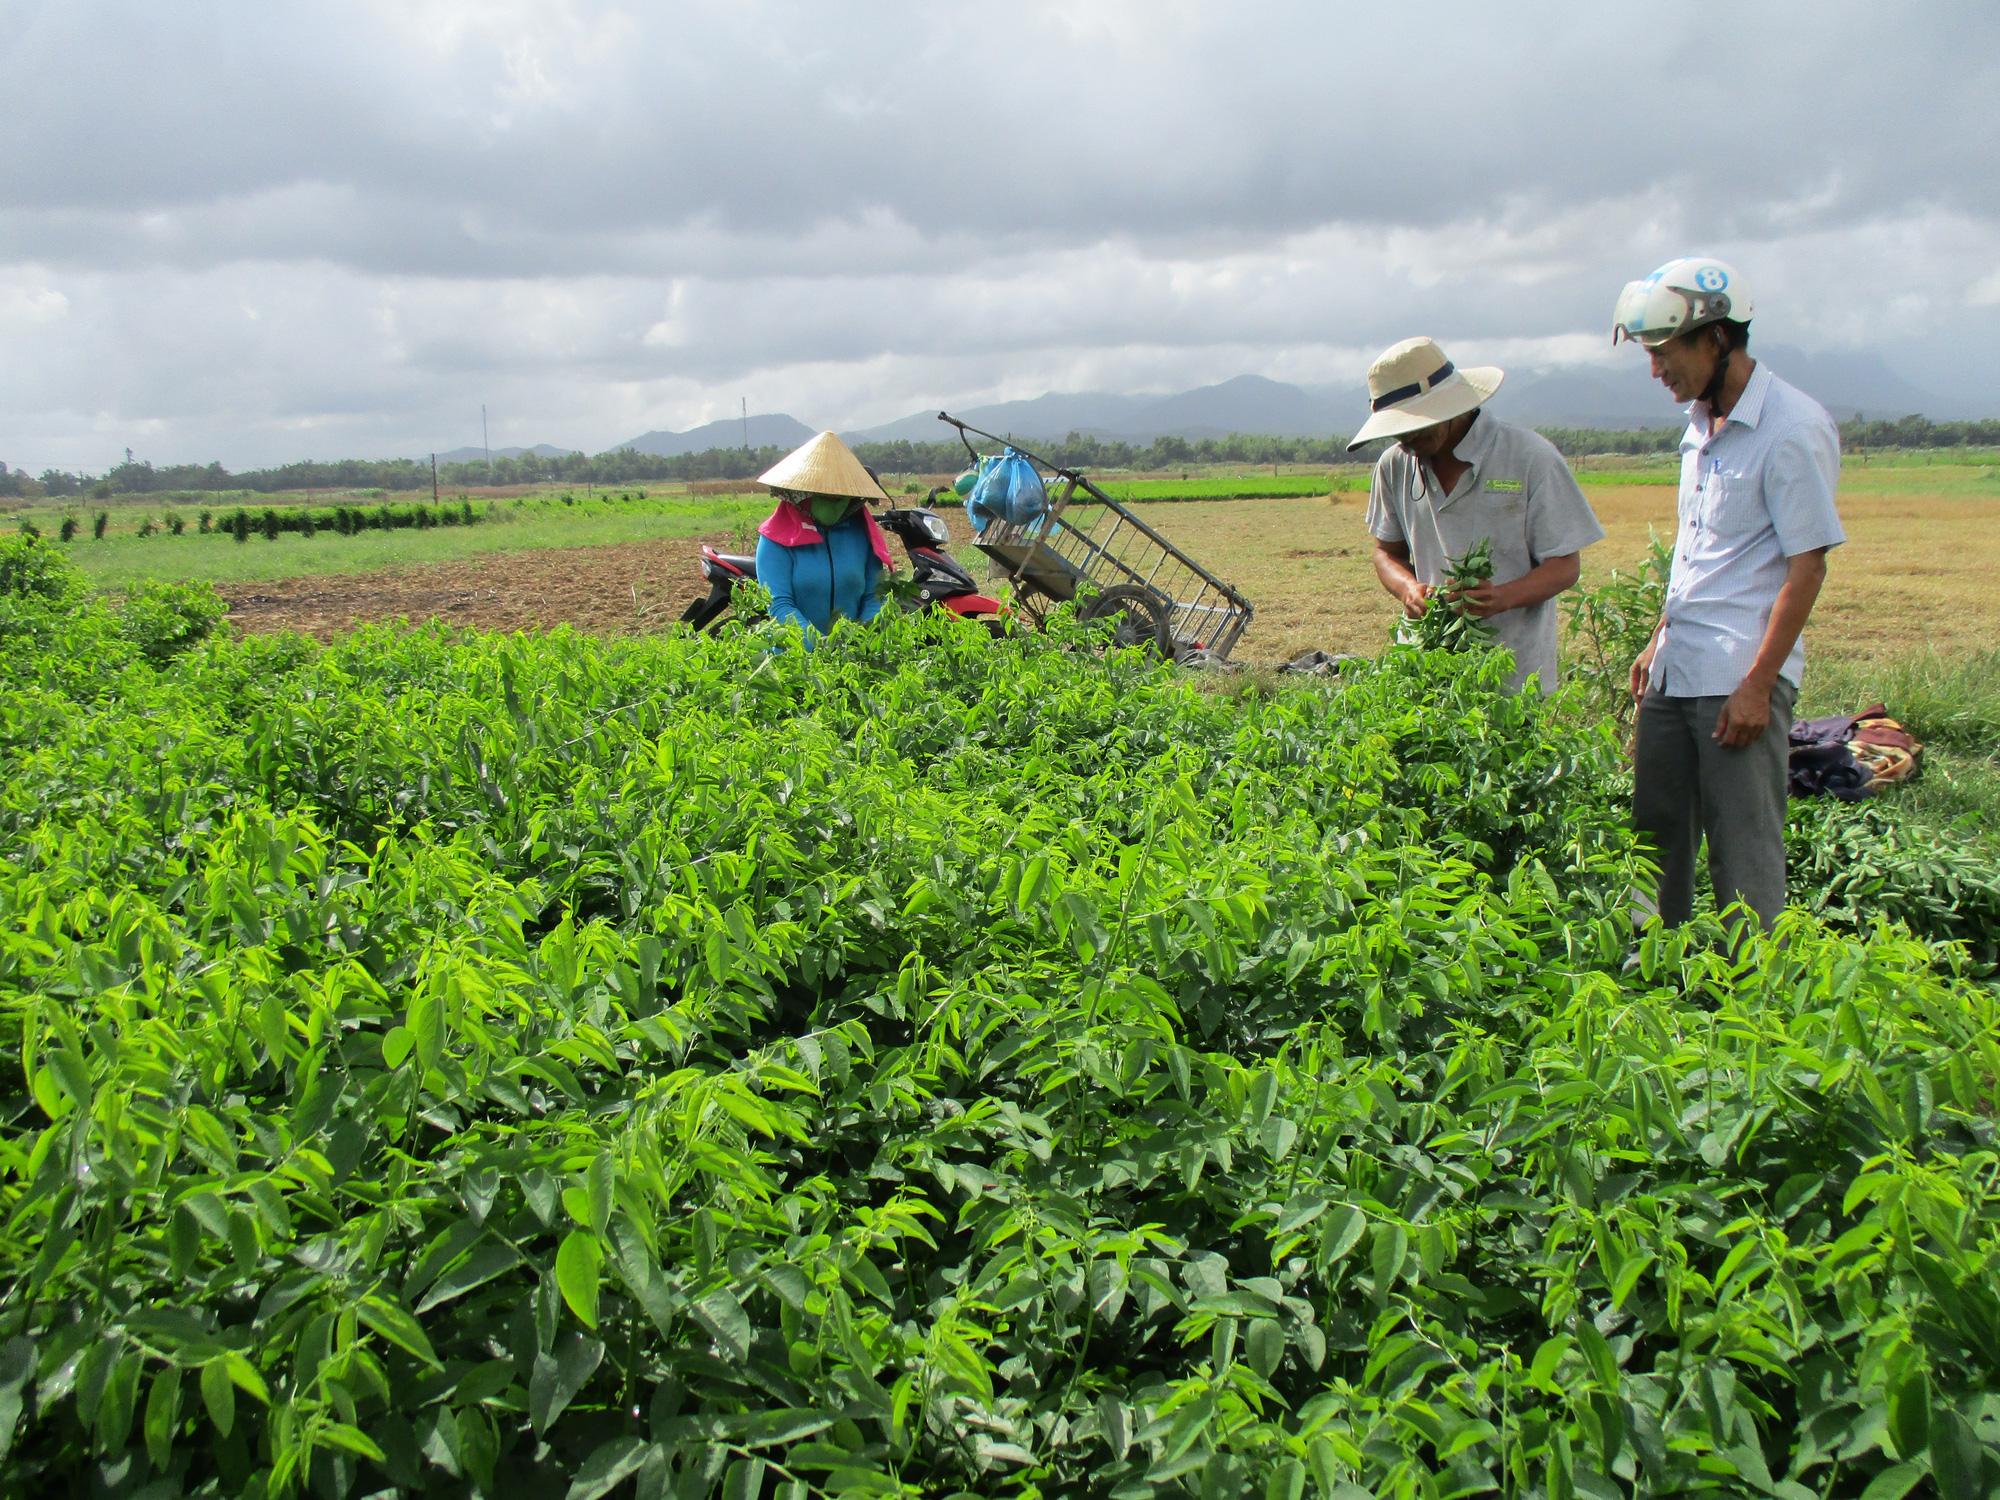 Quảng Nam: Hội Nông dân thị xã Điện Bàn - Trang bị kiến thức cho nông dân làm giàu - Ảnh 2.